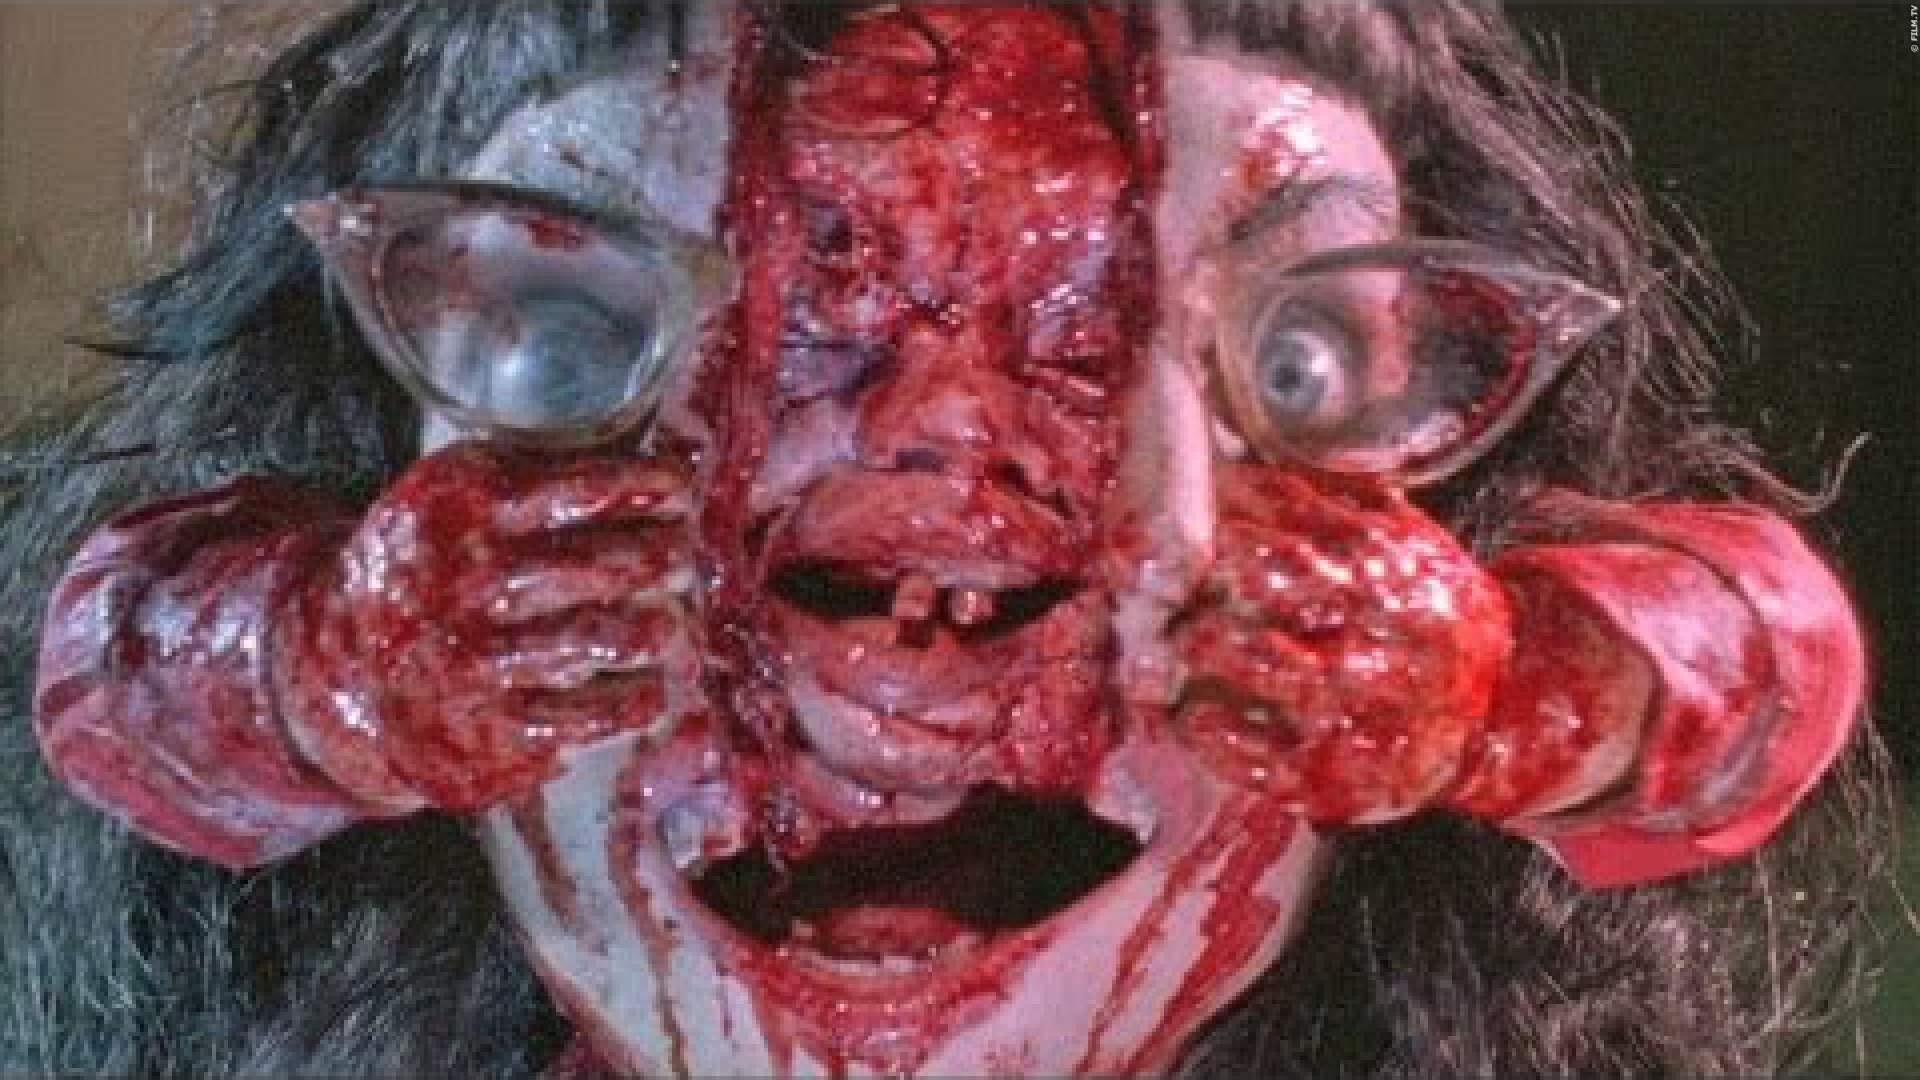 VIDEO: Die fünf heftigsten FSK-18 Horror-Filme aller Zeiten - Sind sie zu grausam für dich?